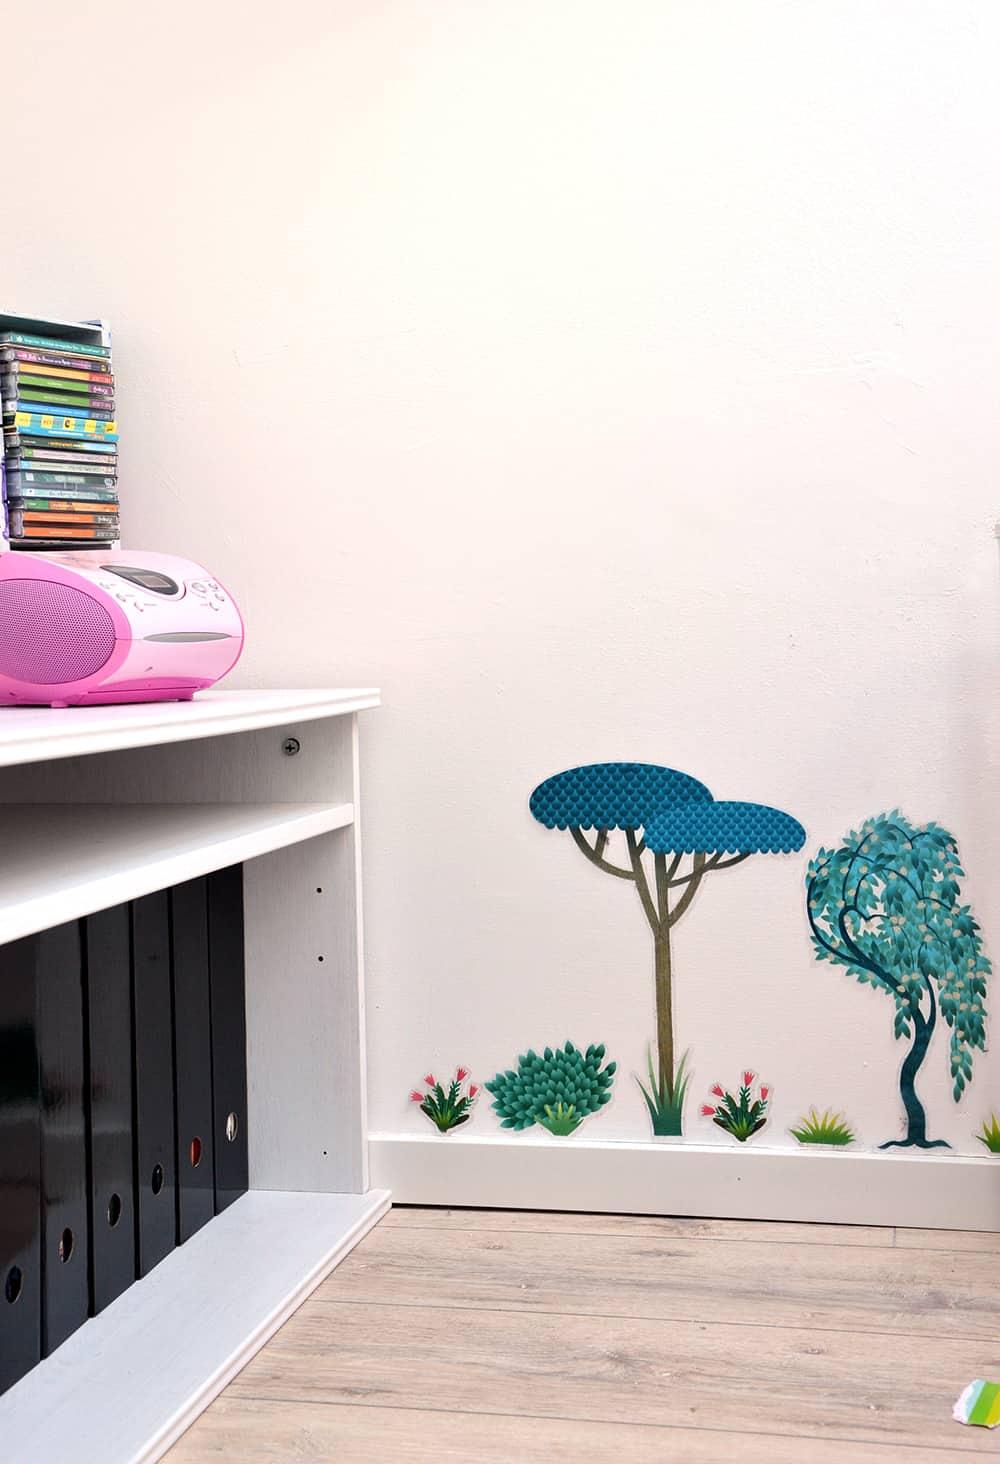 Kinderzimmer: Schulsachen-Aufbewahrung, Wandsticker